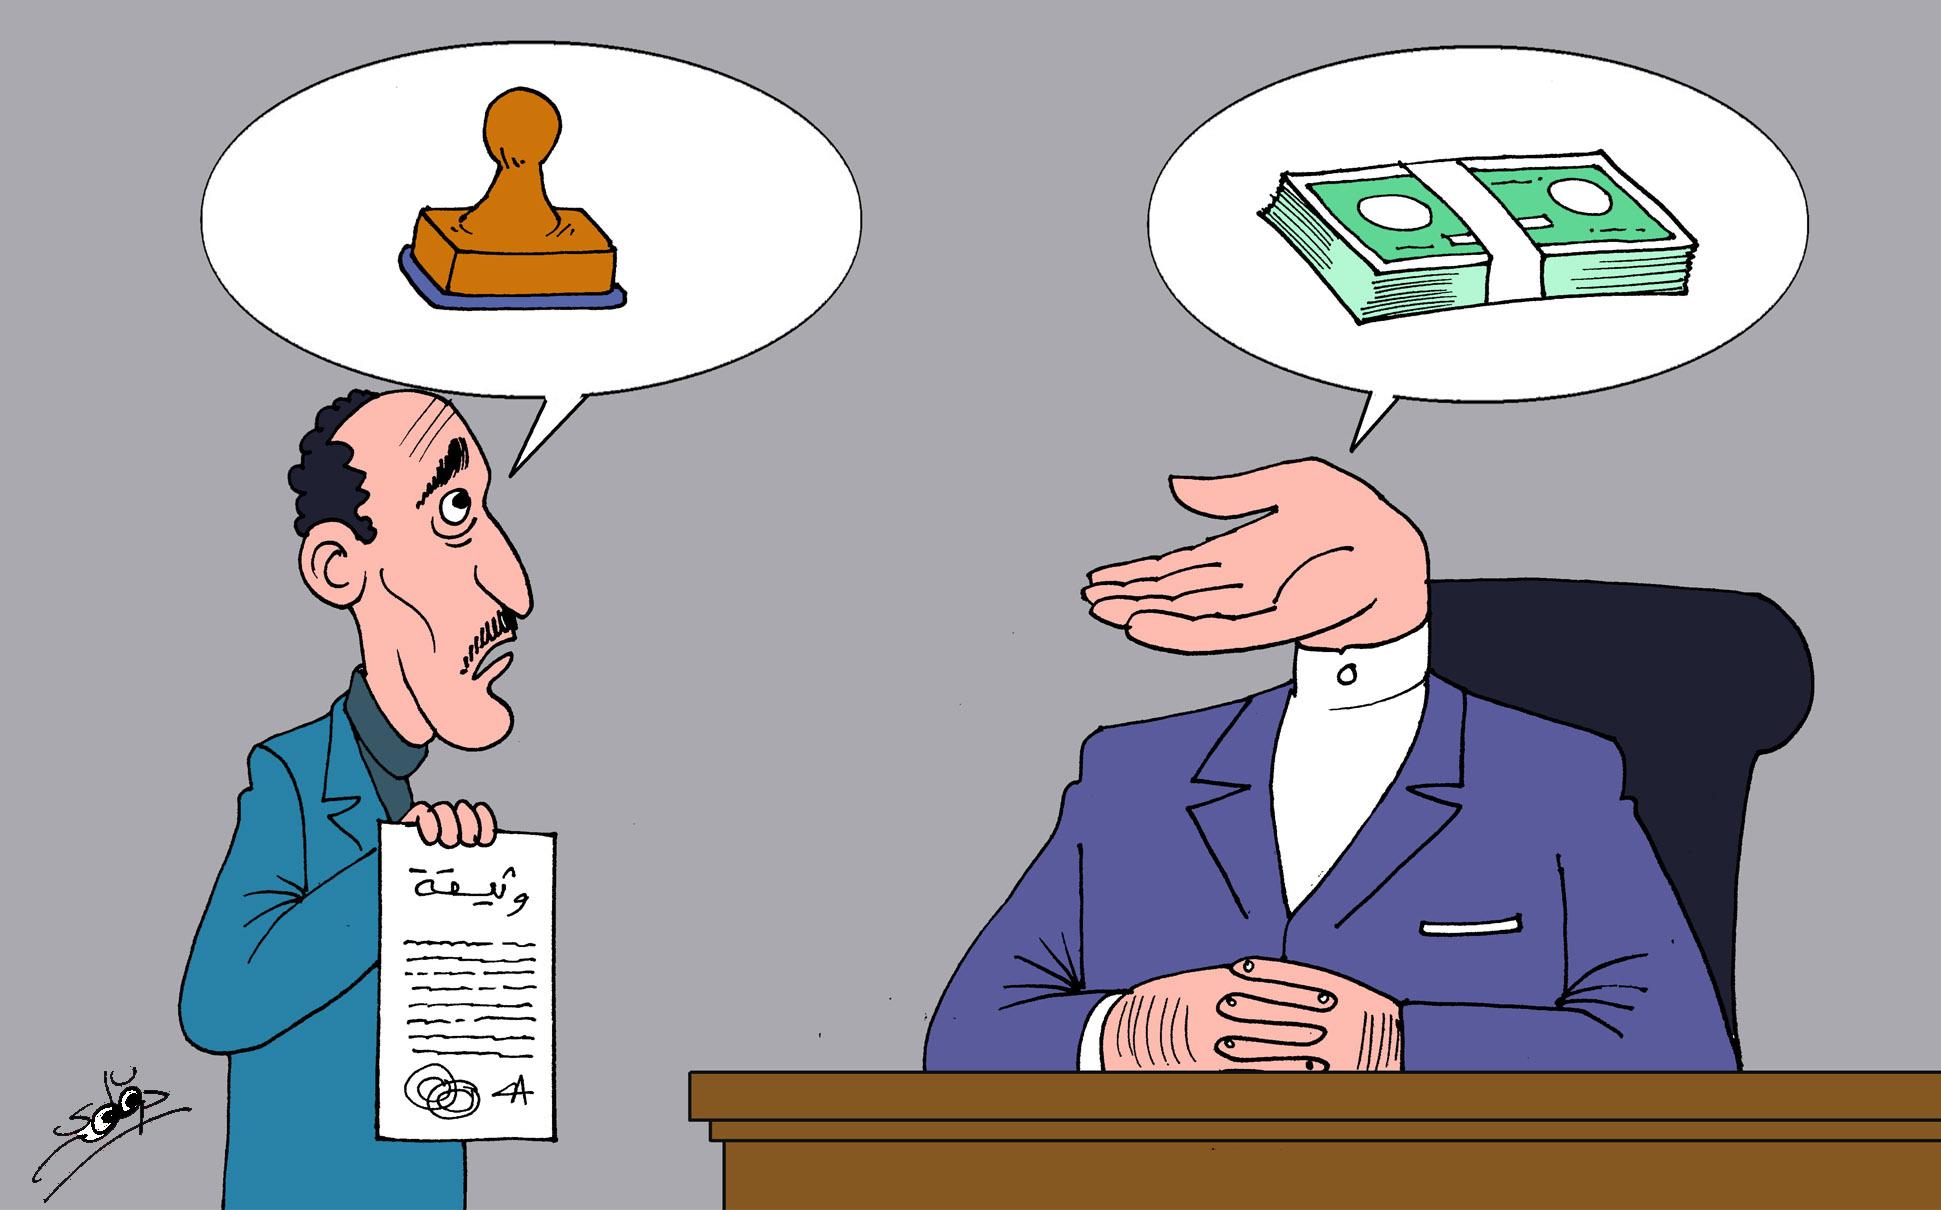 البيروقراطية آفة الإدارة